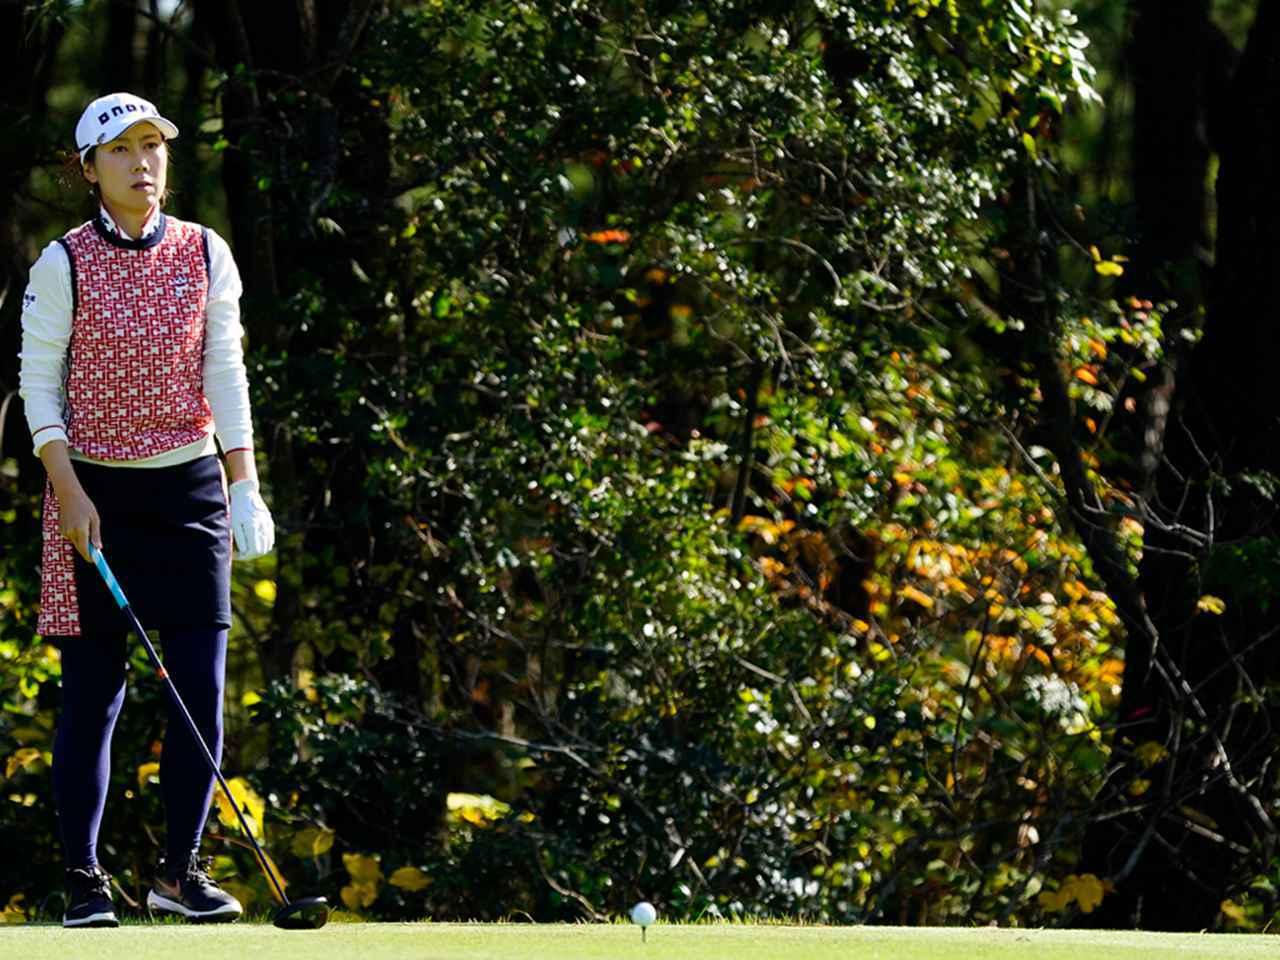 """画像52: 【プレショットルーティン調査】女子プロゴルファー上位32人をチェック! 2タイプに分かれた""""アドレスの入り方"""""""